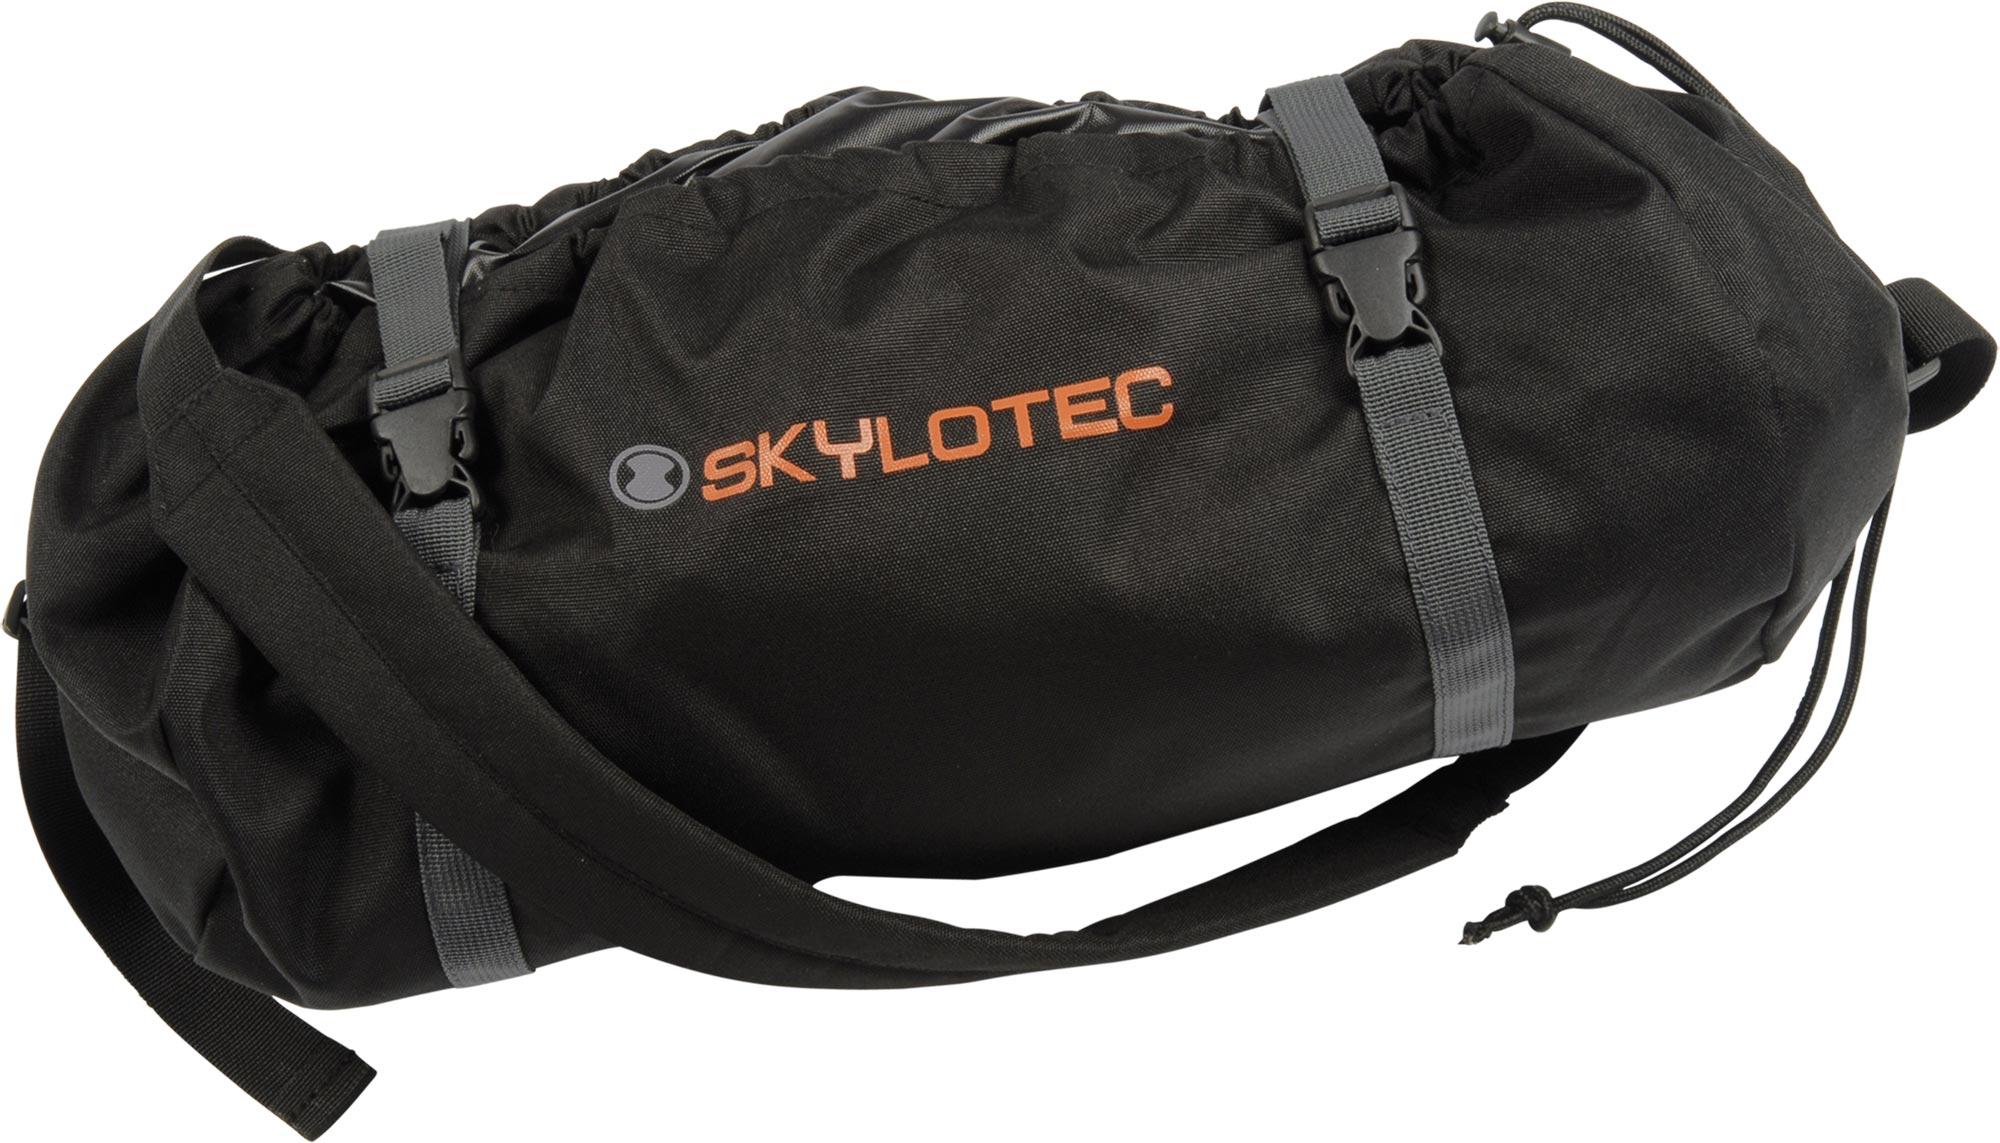 Skylotec Klettergurt Erfahrungen : Skylotec seilsack mit plane für bis zu 80 m seil ropebag klettern